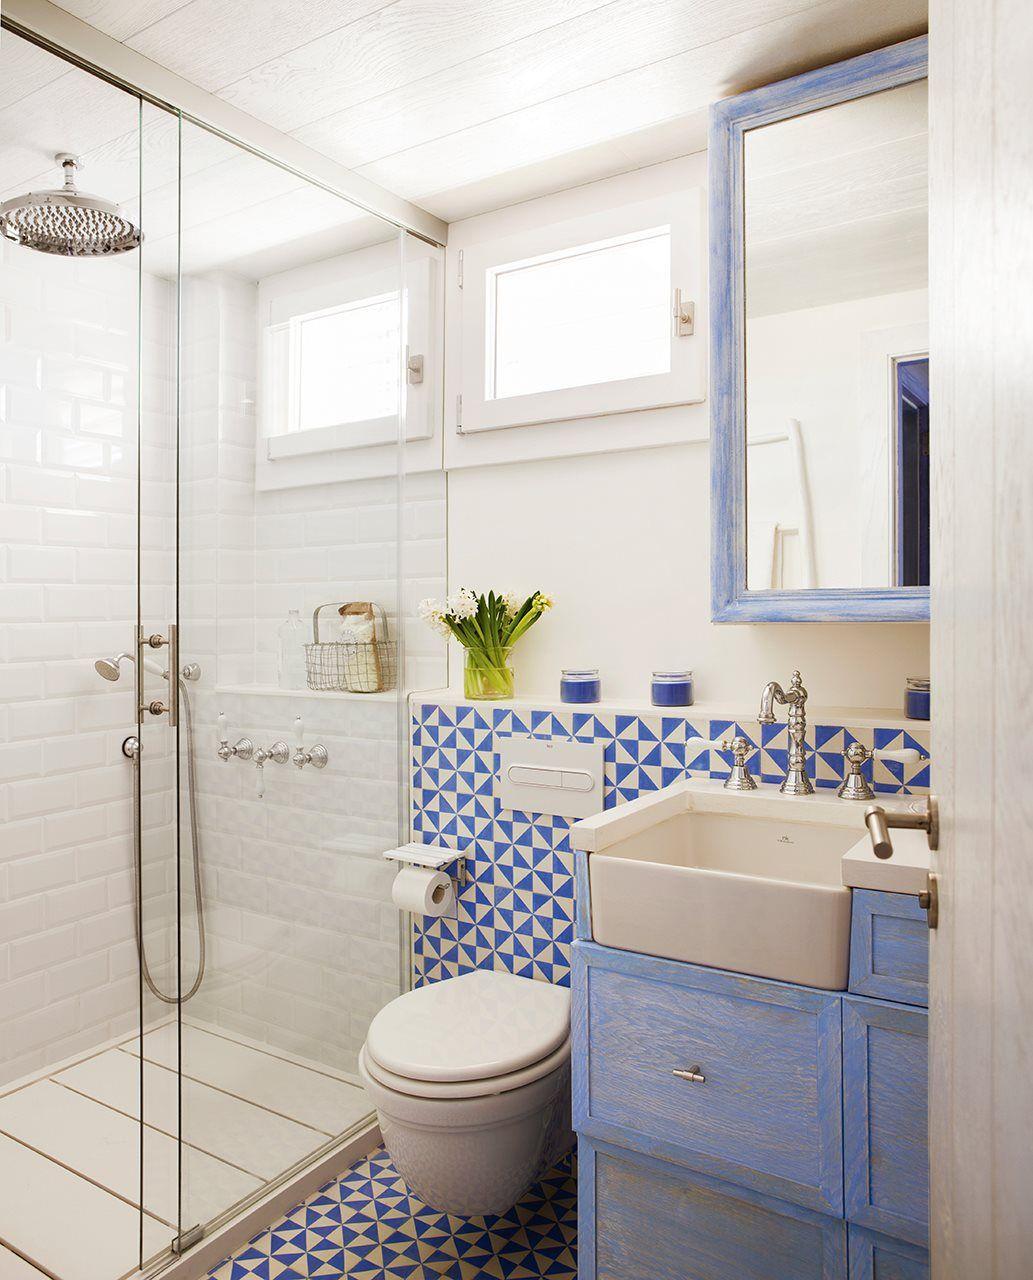 Beach House Bathrooms: En El Baño Mosaico Hidráulico De Azul Acocsa. Grifería De